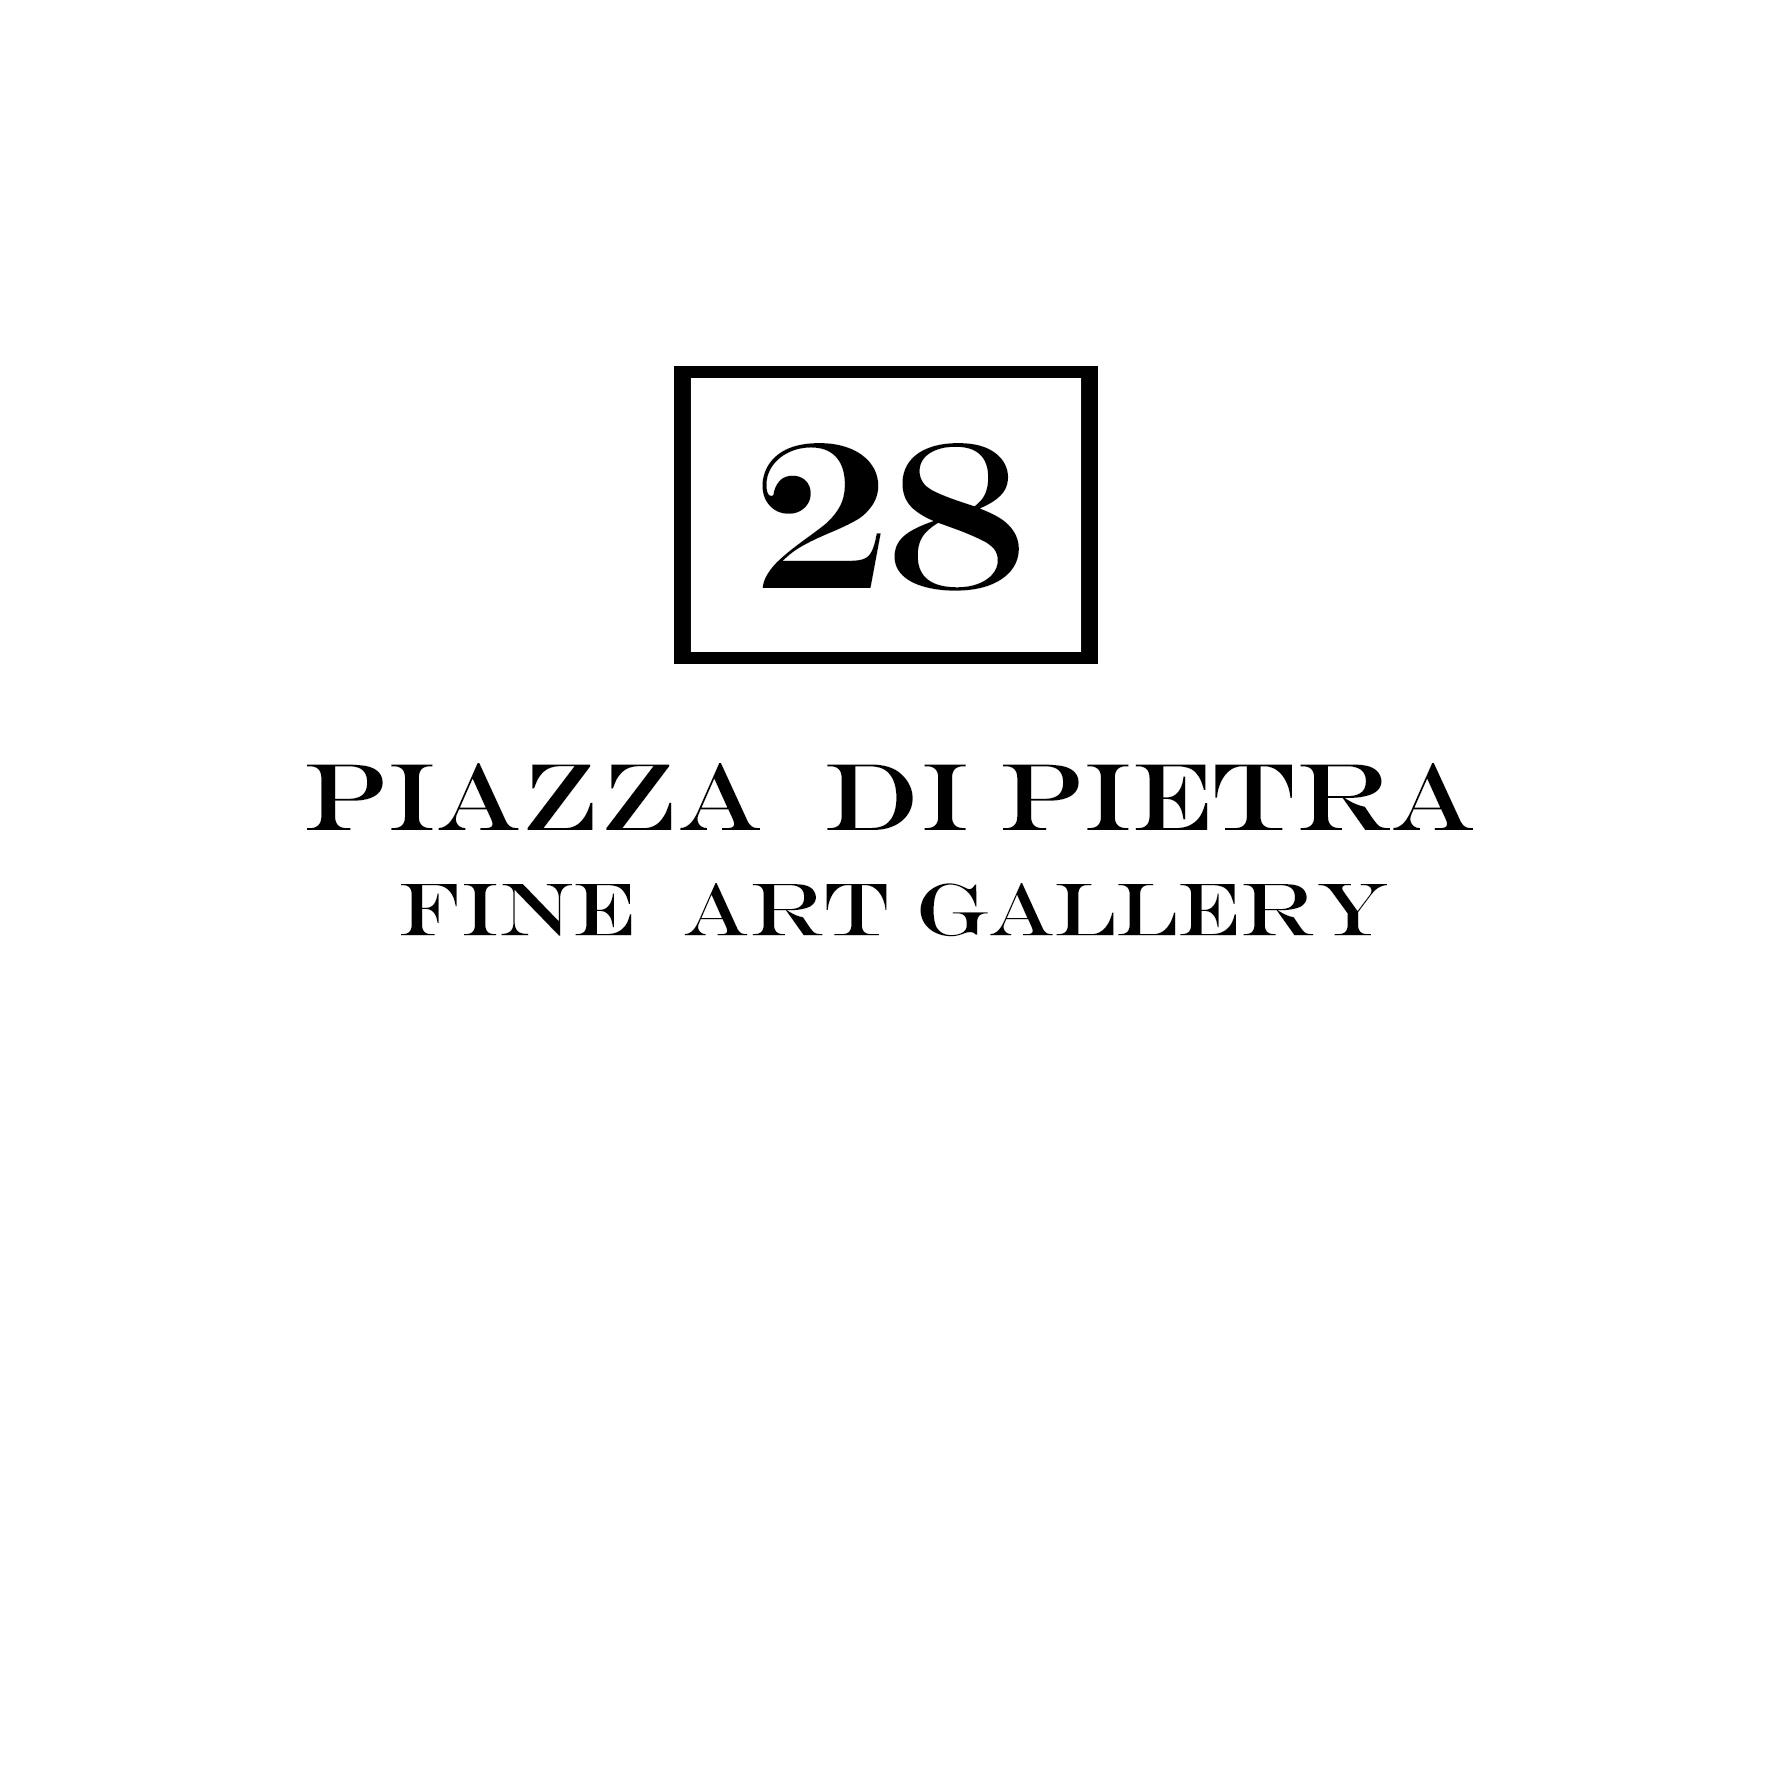 28 Piazza di Pietra